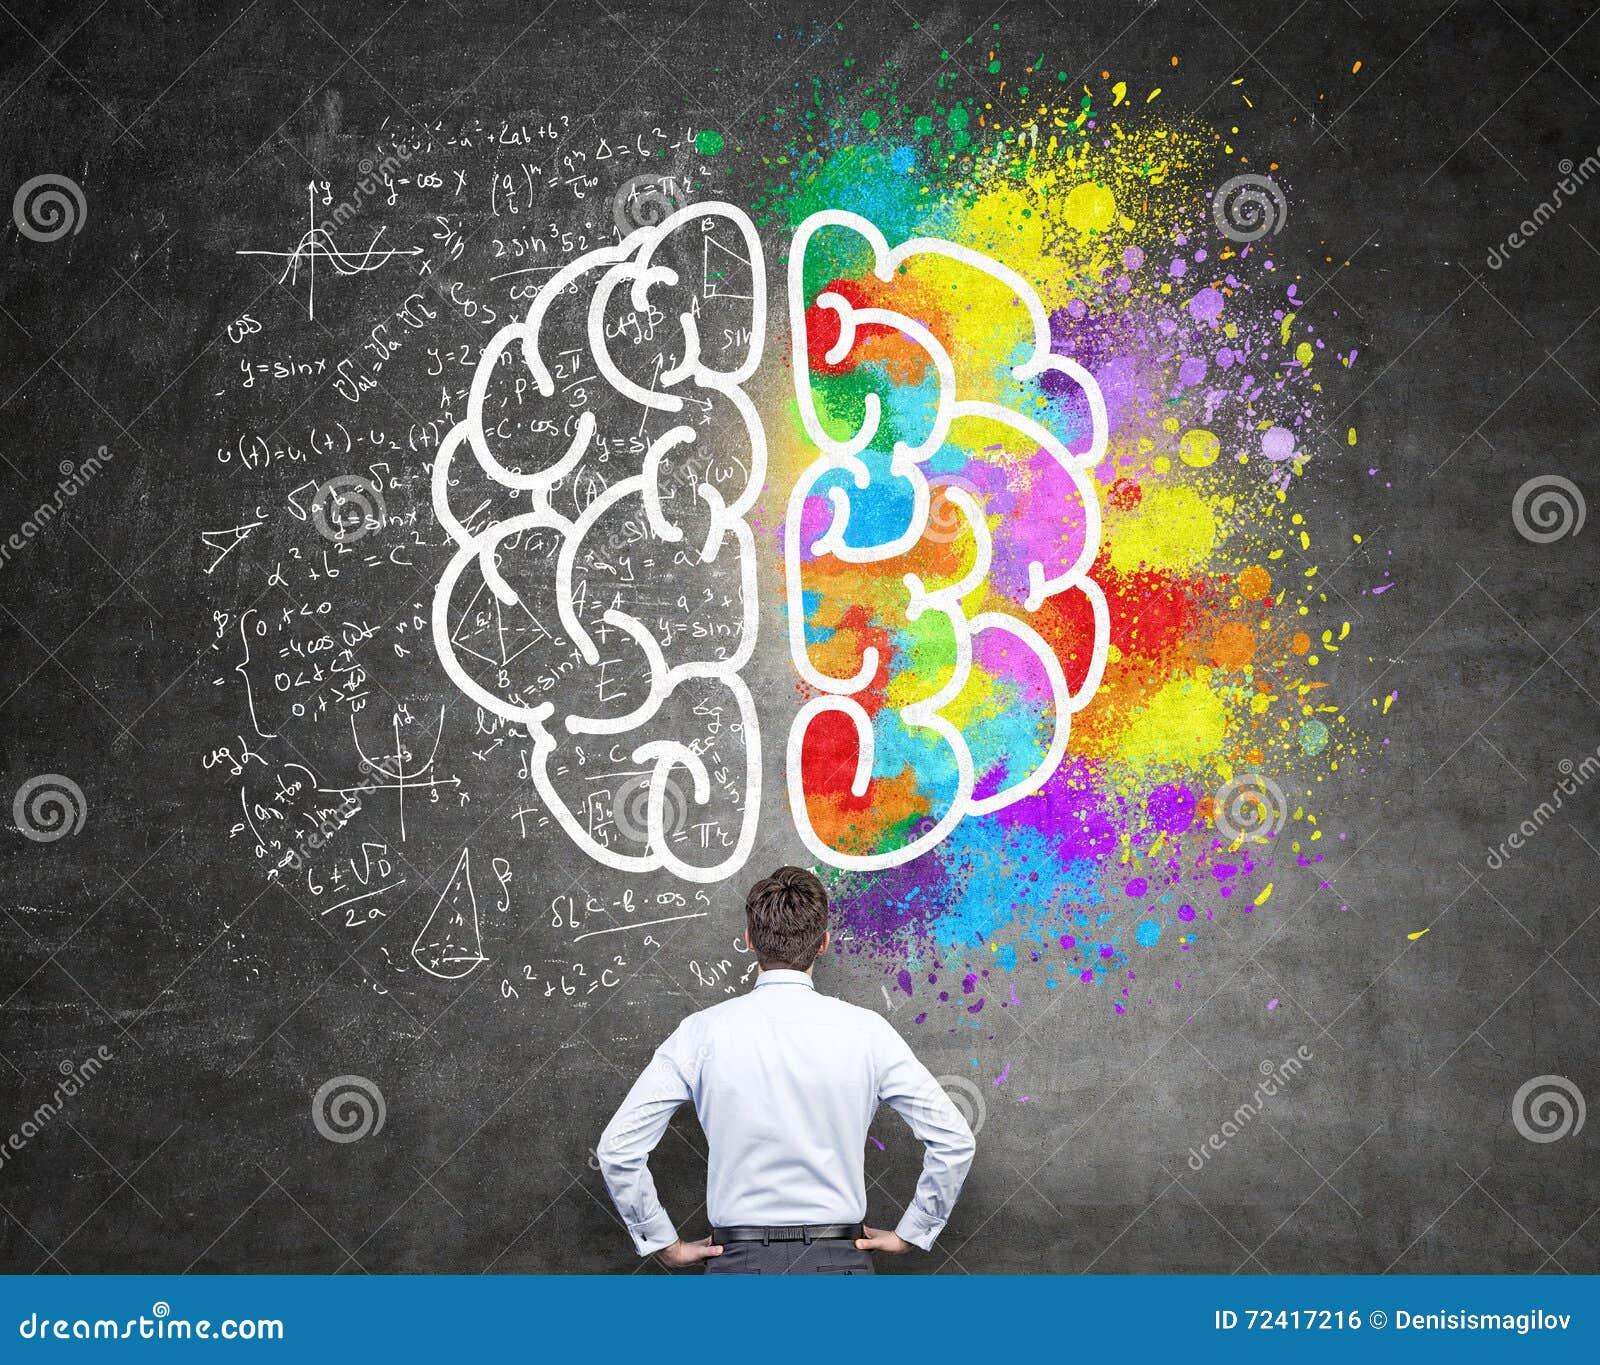 Píntate De Optimismo Y Creatividad: Pensamiento Analítico Y Creativo Stock De Ilustración